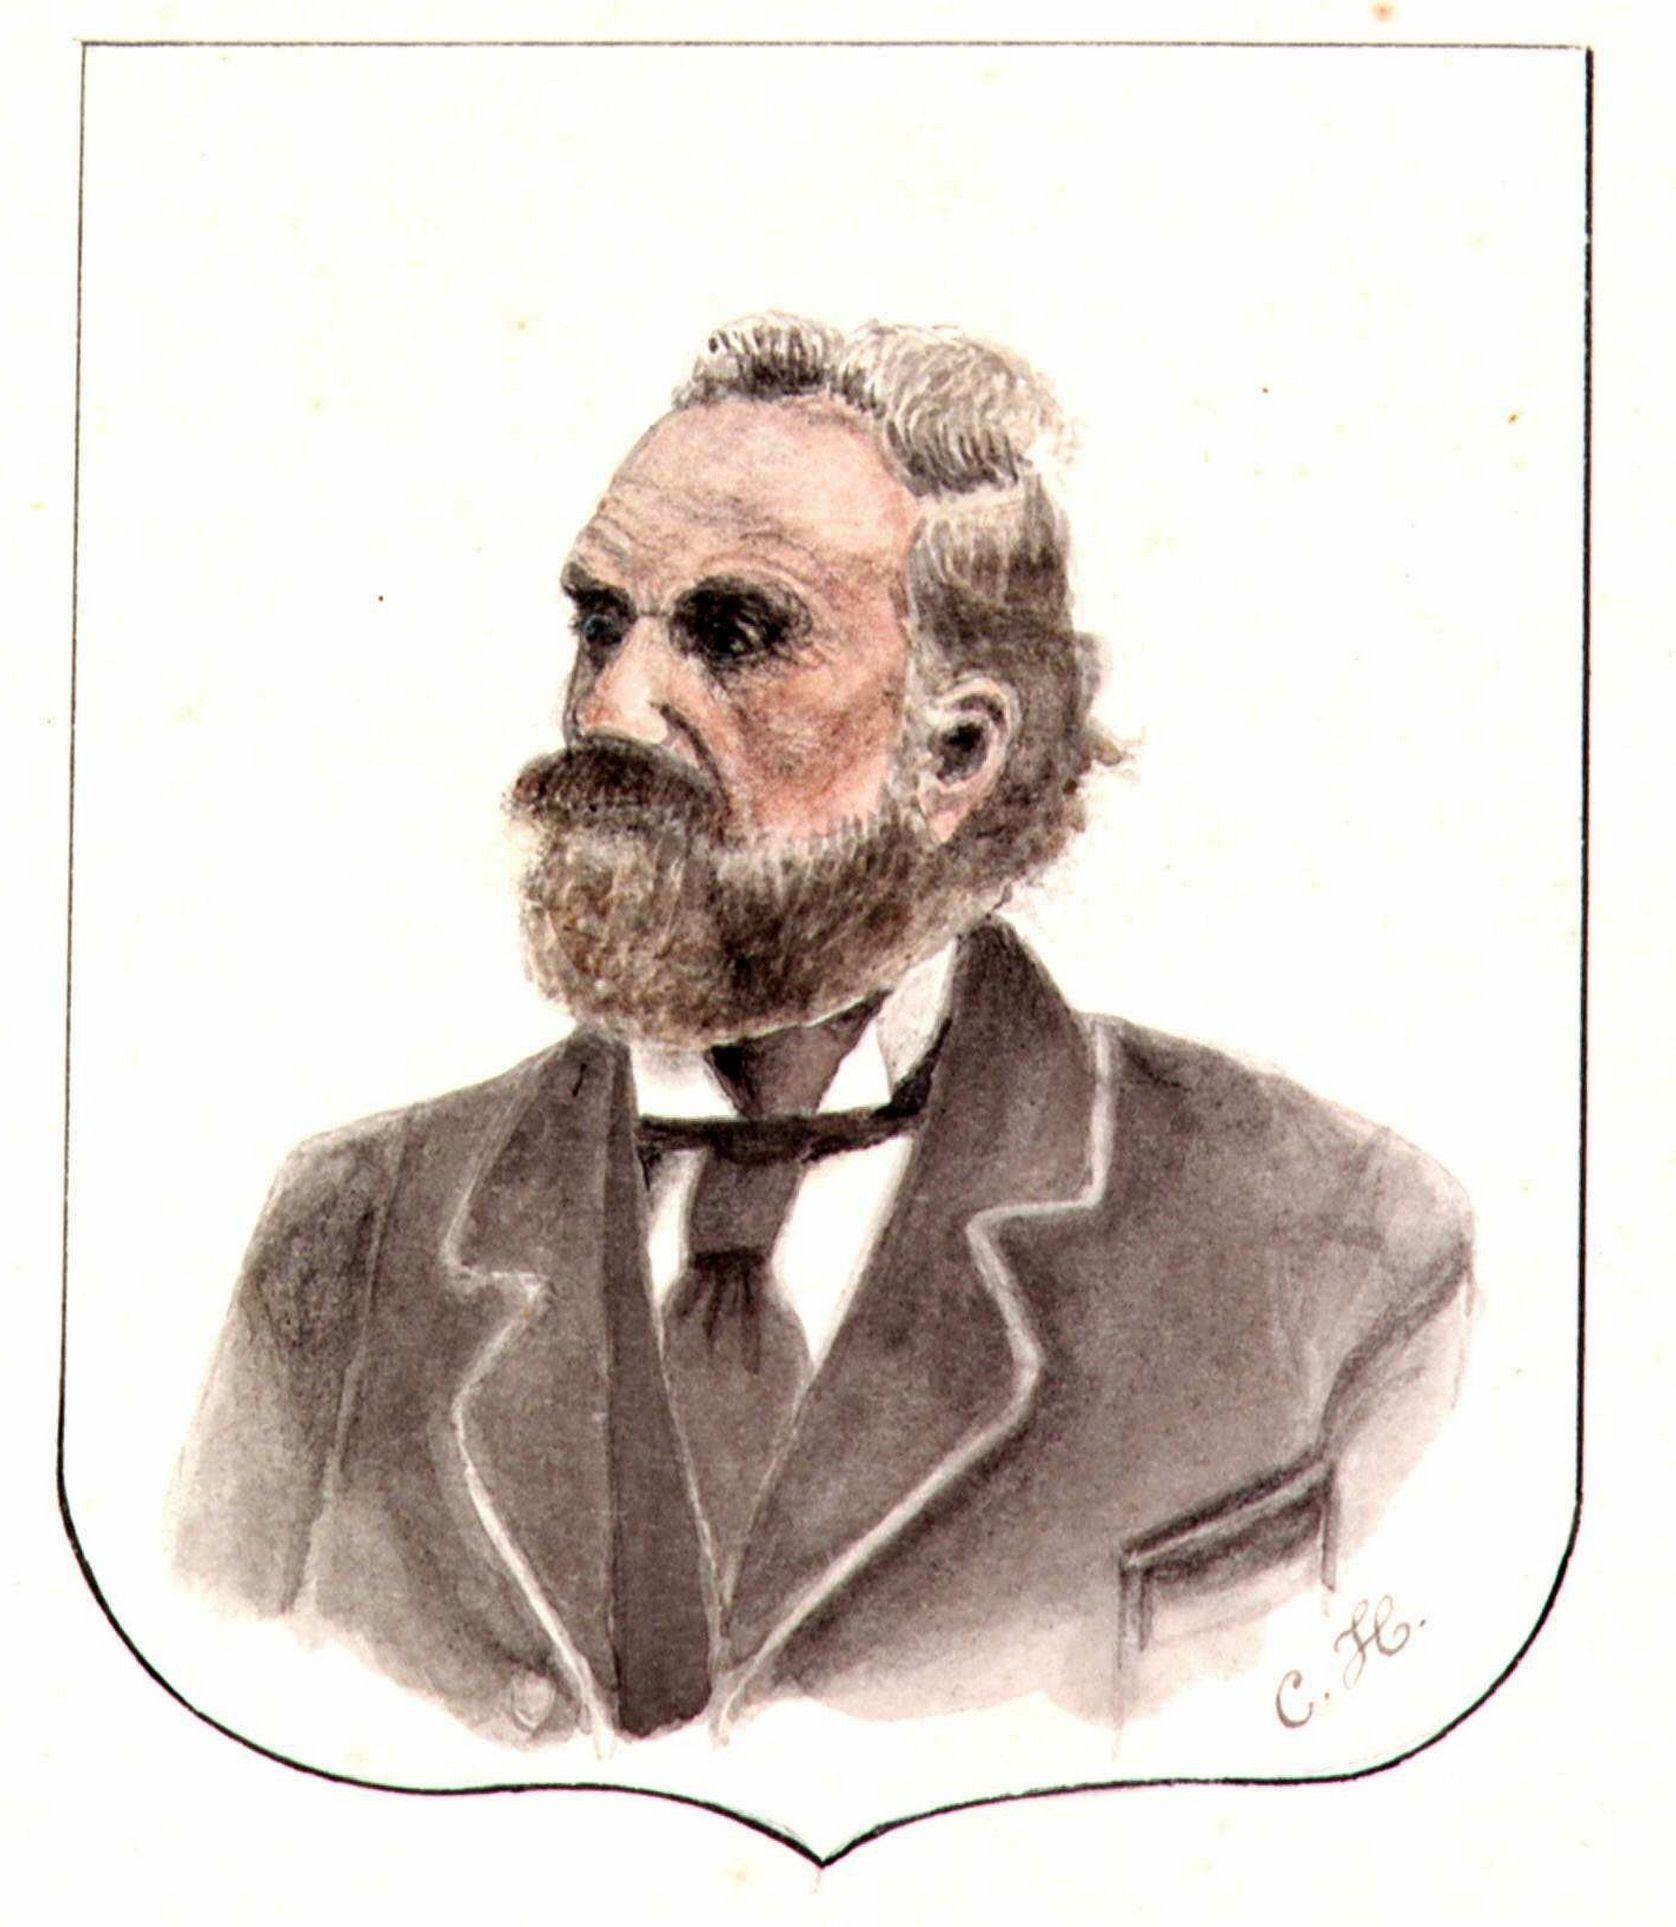 Portret van Adriaan Hollestelle, getekend door zijn zoon Cornelis. (Zeeuws Archief/Zeeuws Genootschap, ZI-IV-0452)